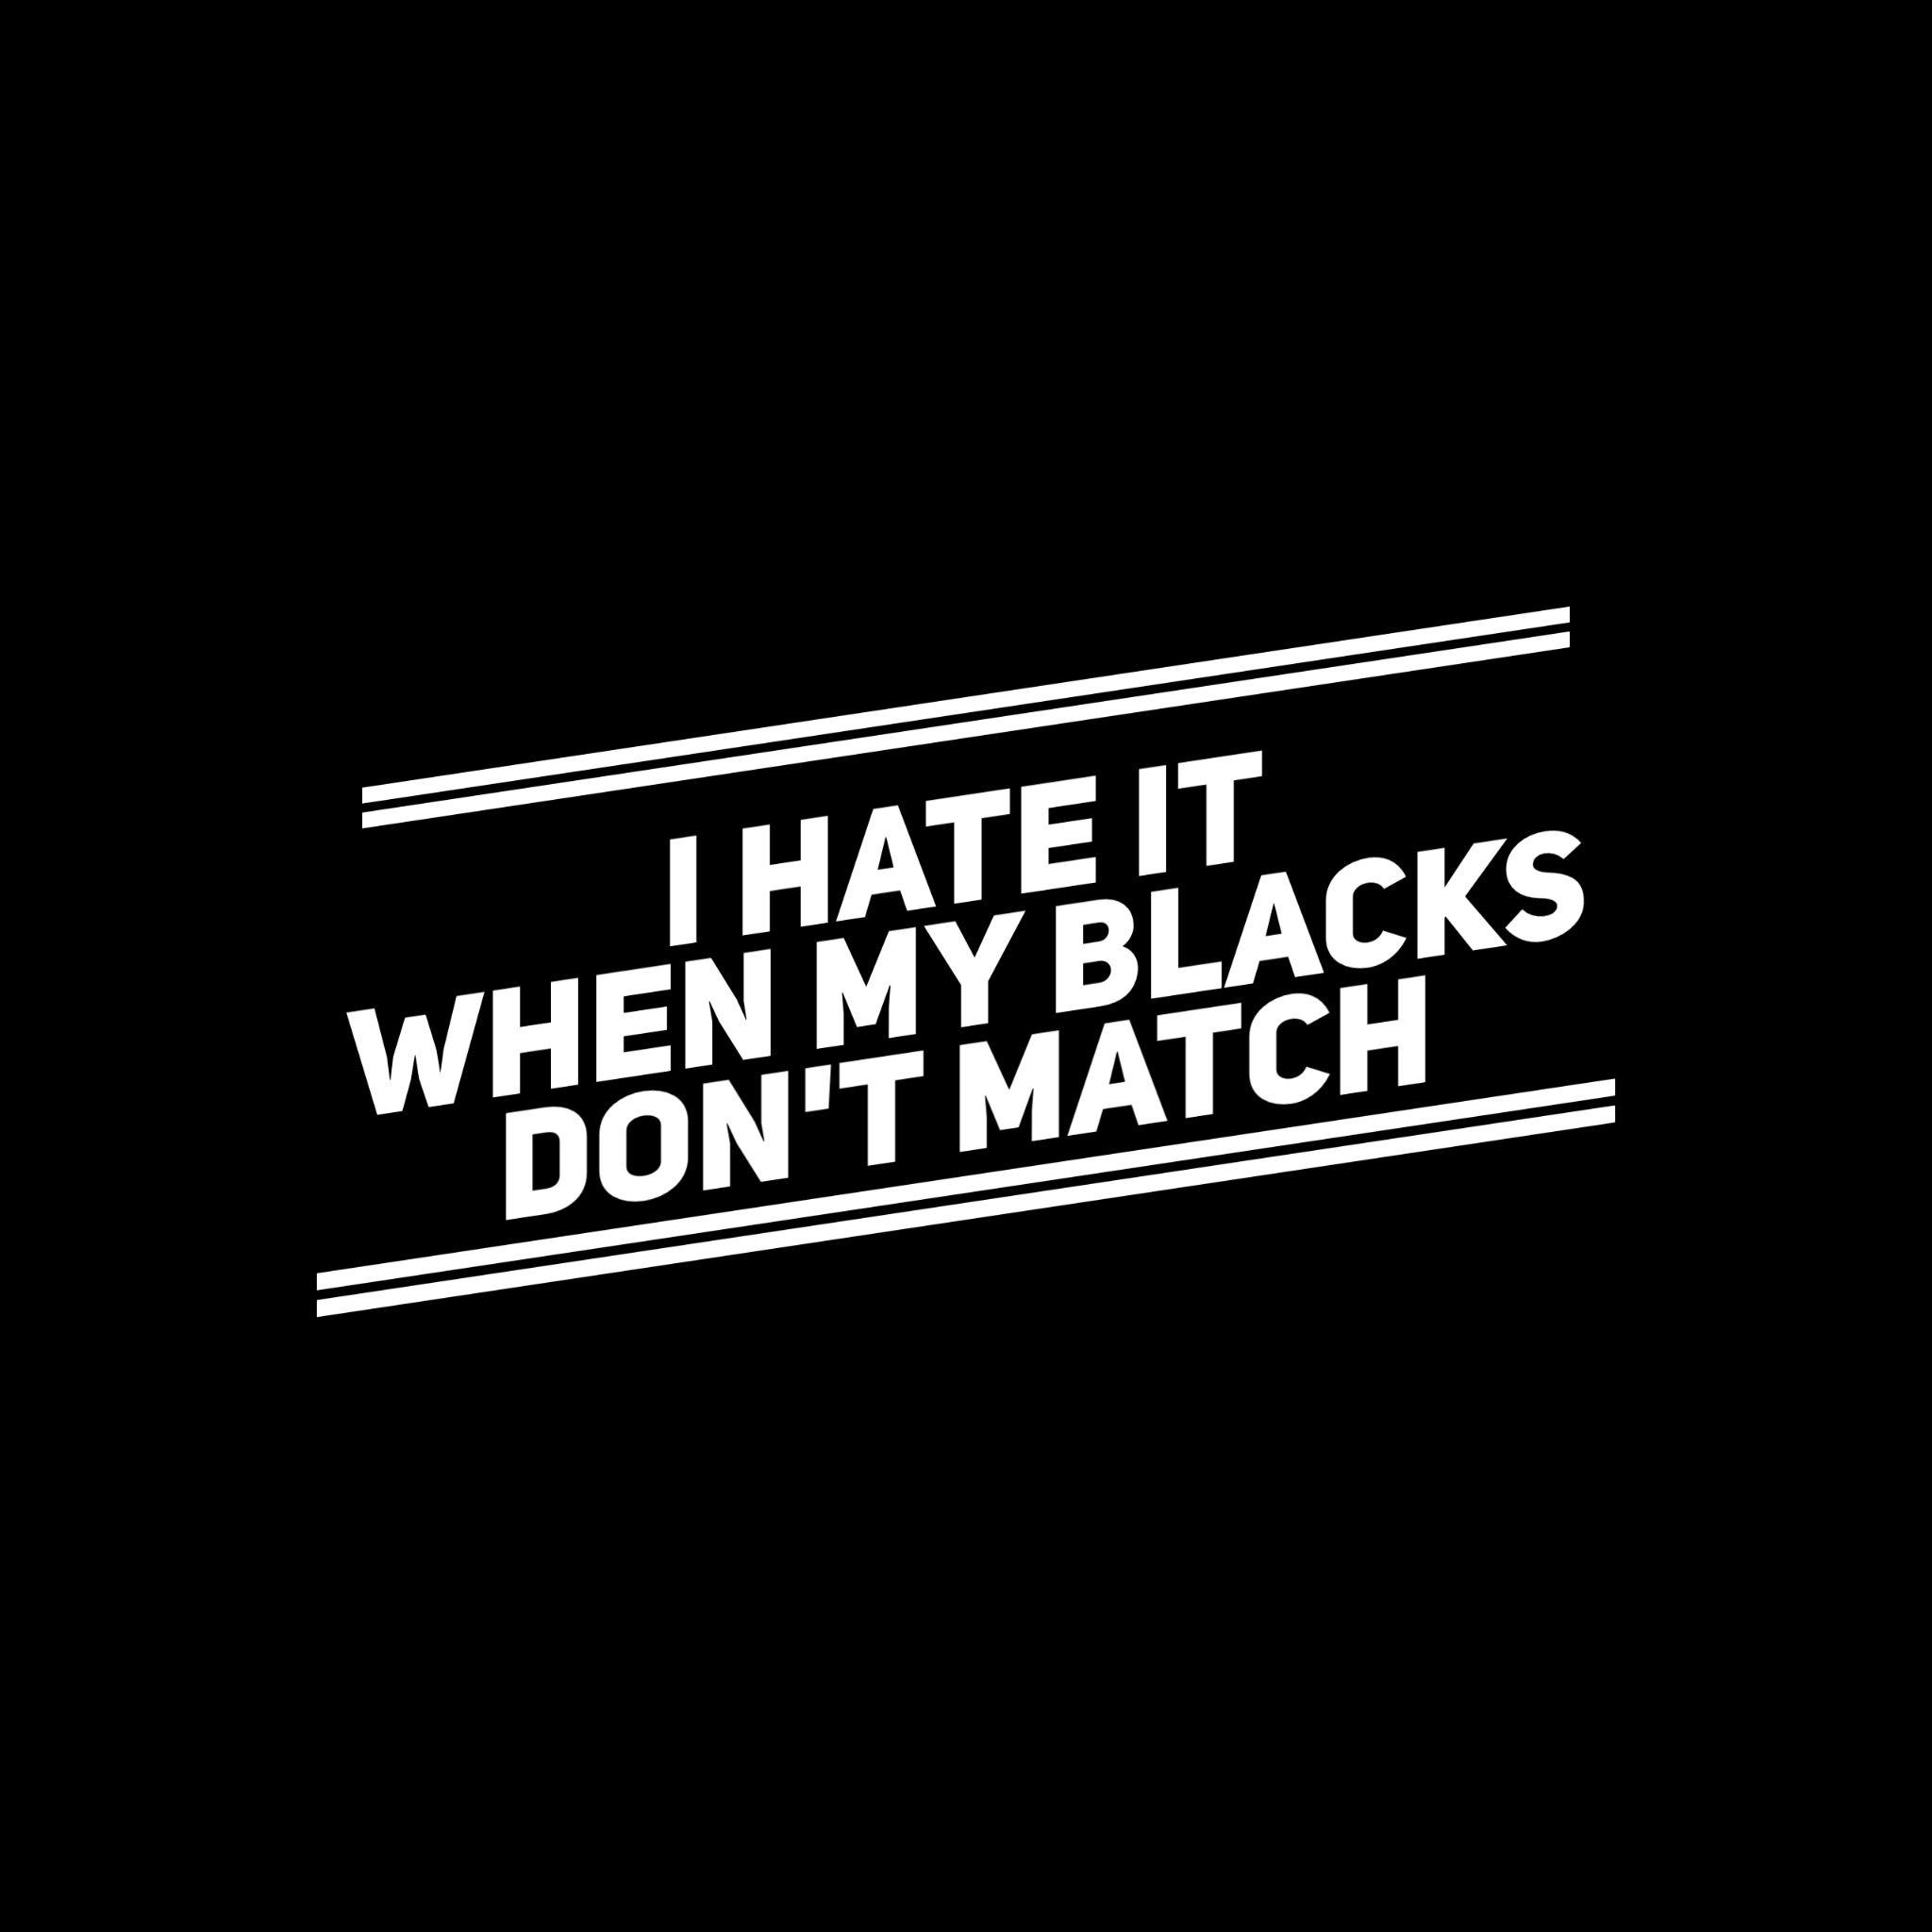 Emo Quotes About Suicide: Blackblackblackblack....